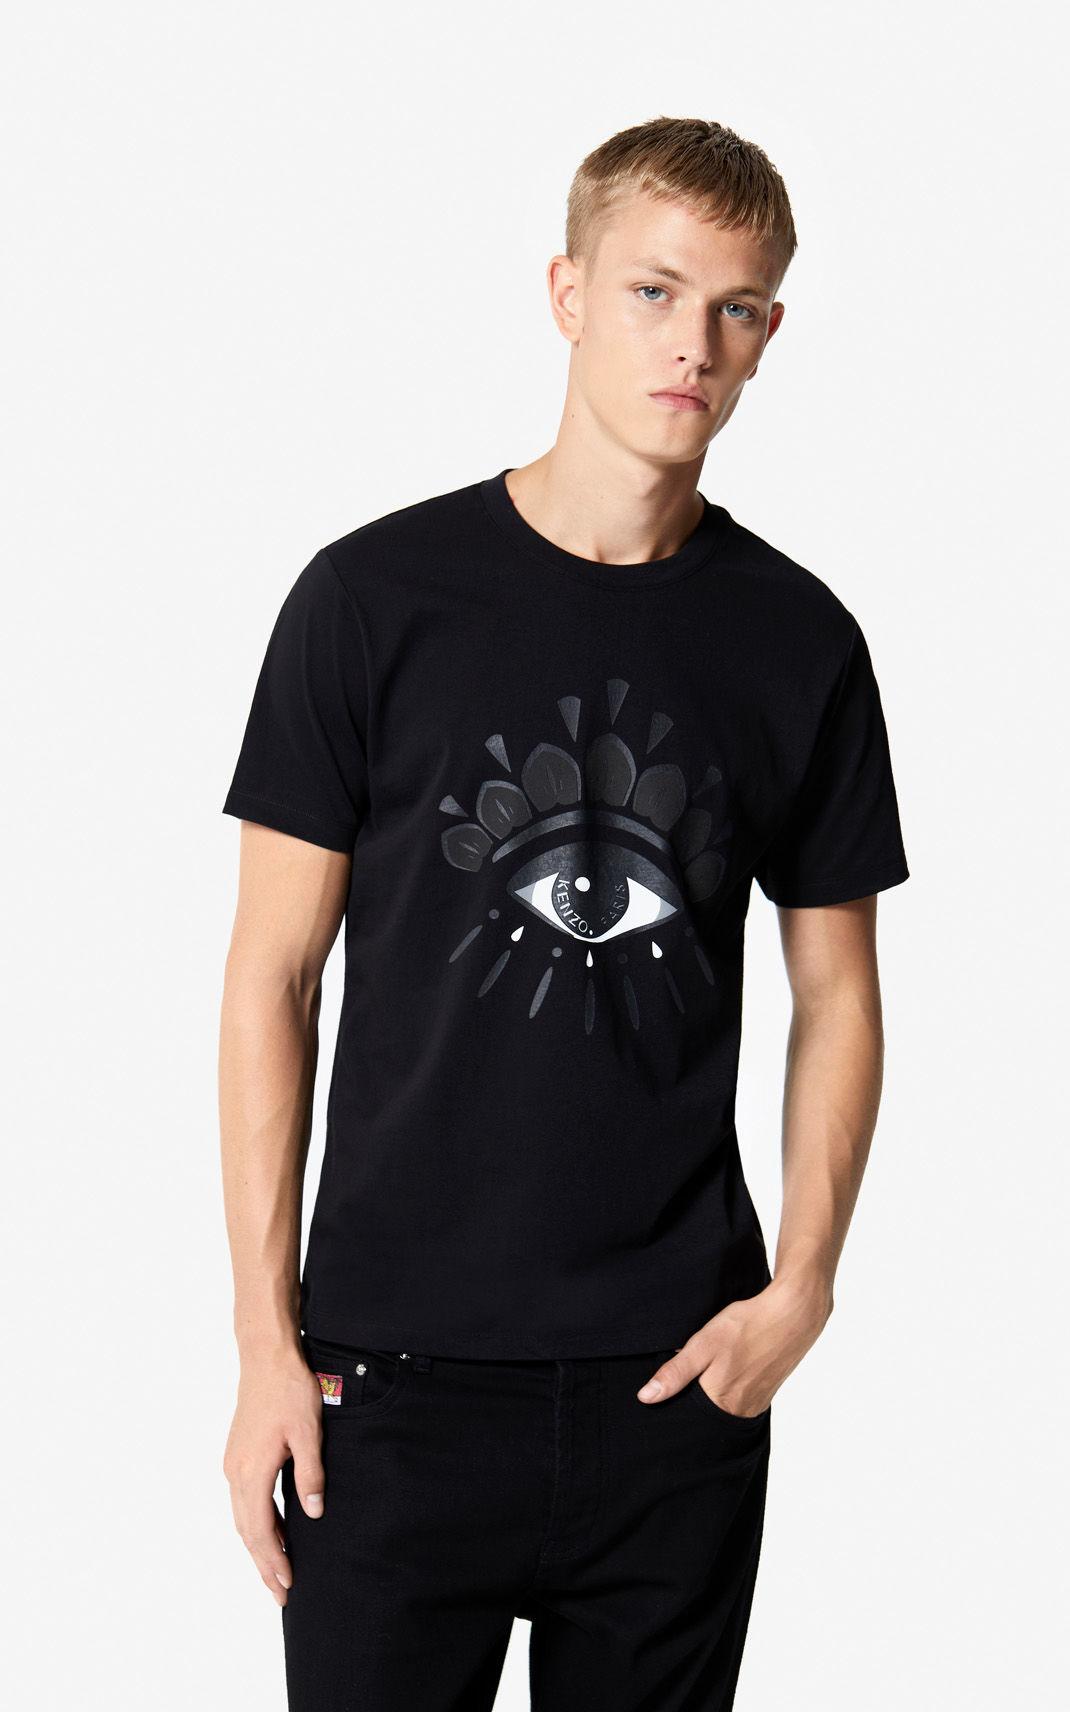 芸能人が有吉反省会で着用した衣装シャツ / ブラウス